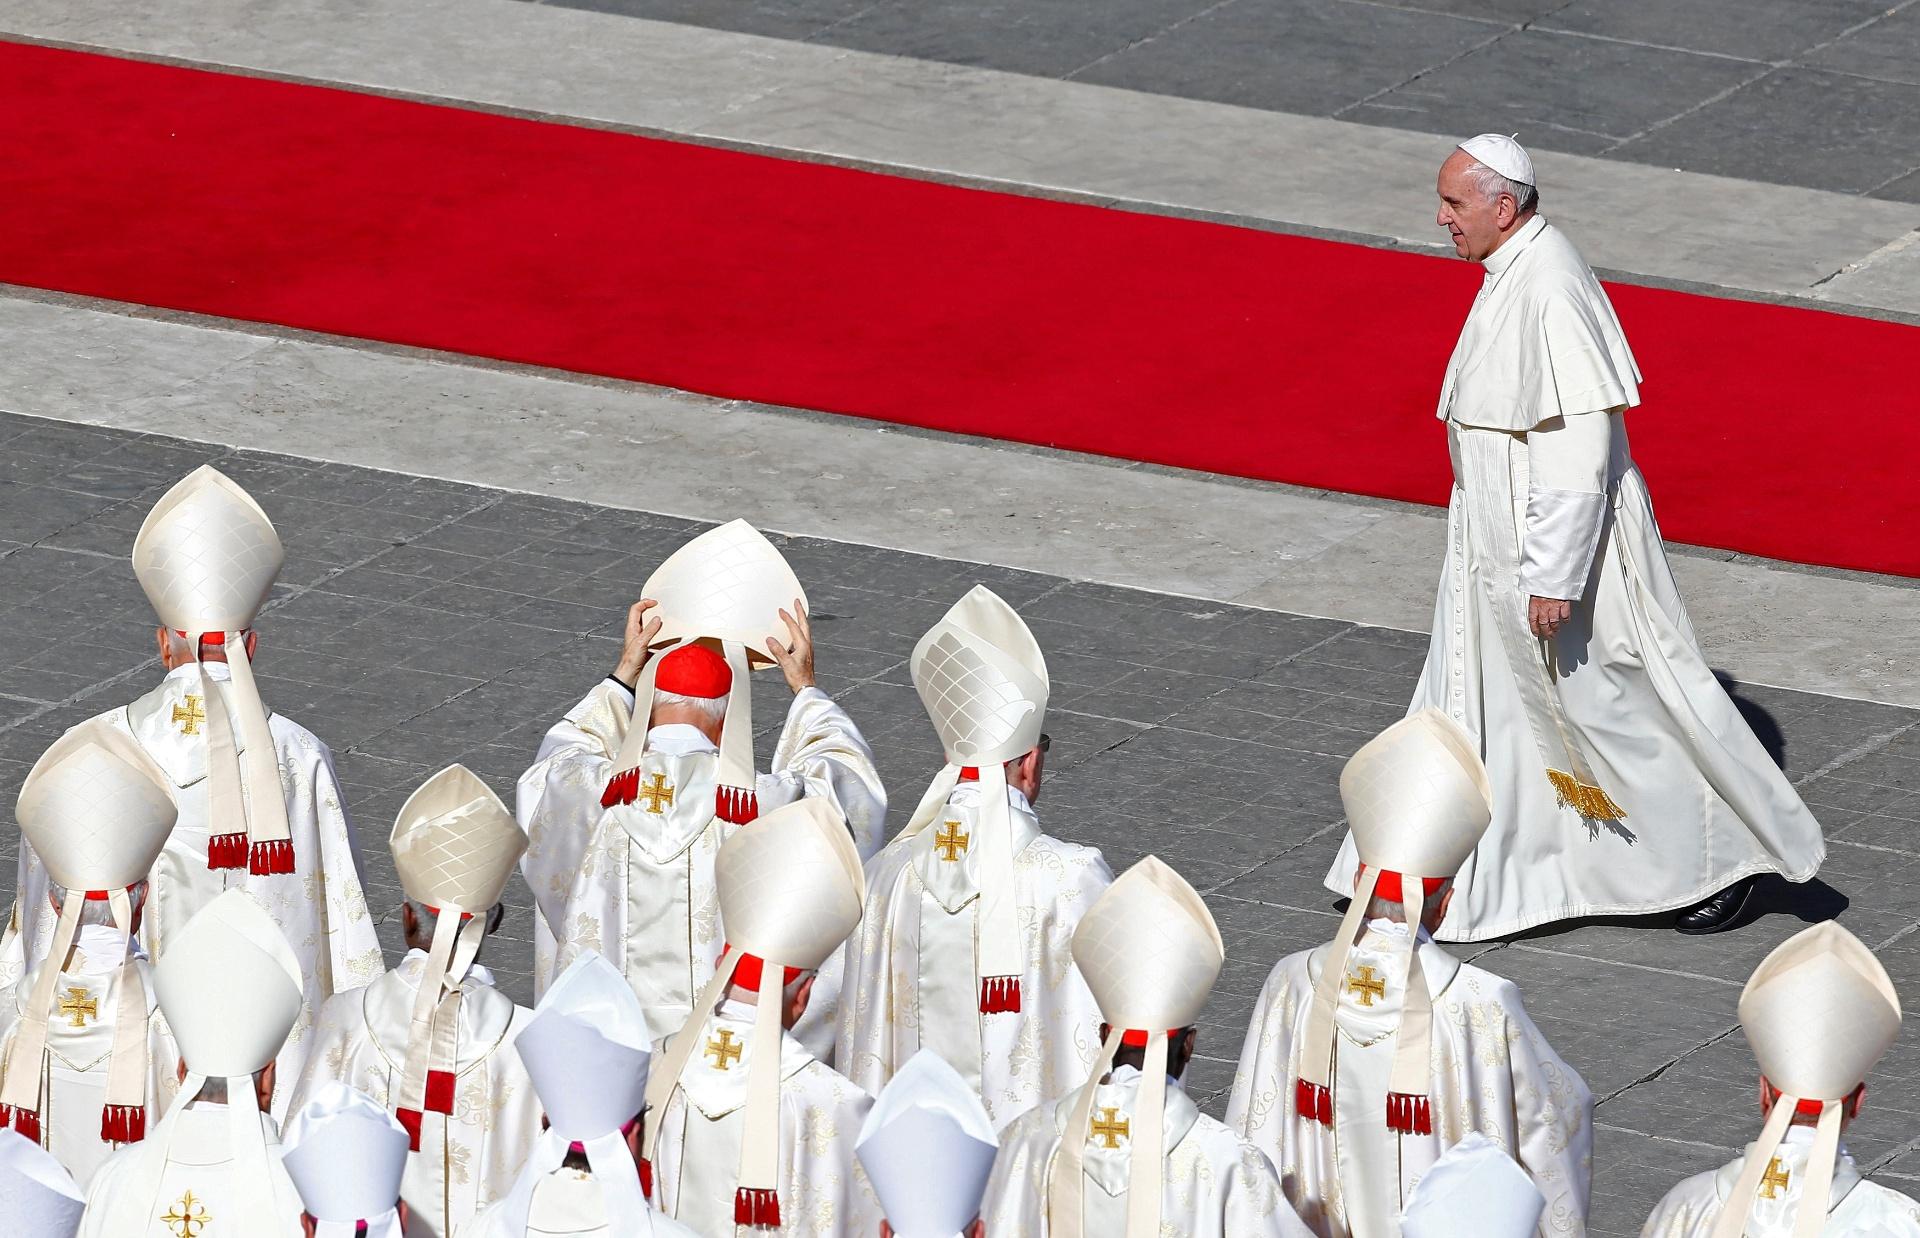 16.out.2016 ? O papa Francisco caminha pela praça de São Pedro, no Vaticano, após canonizar sete novos santos